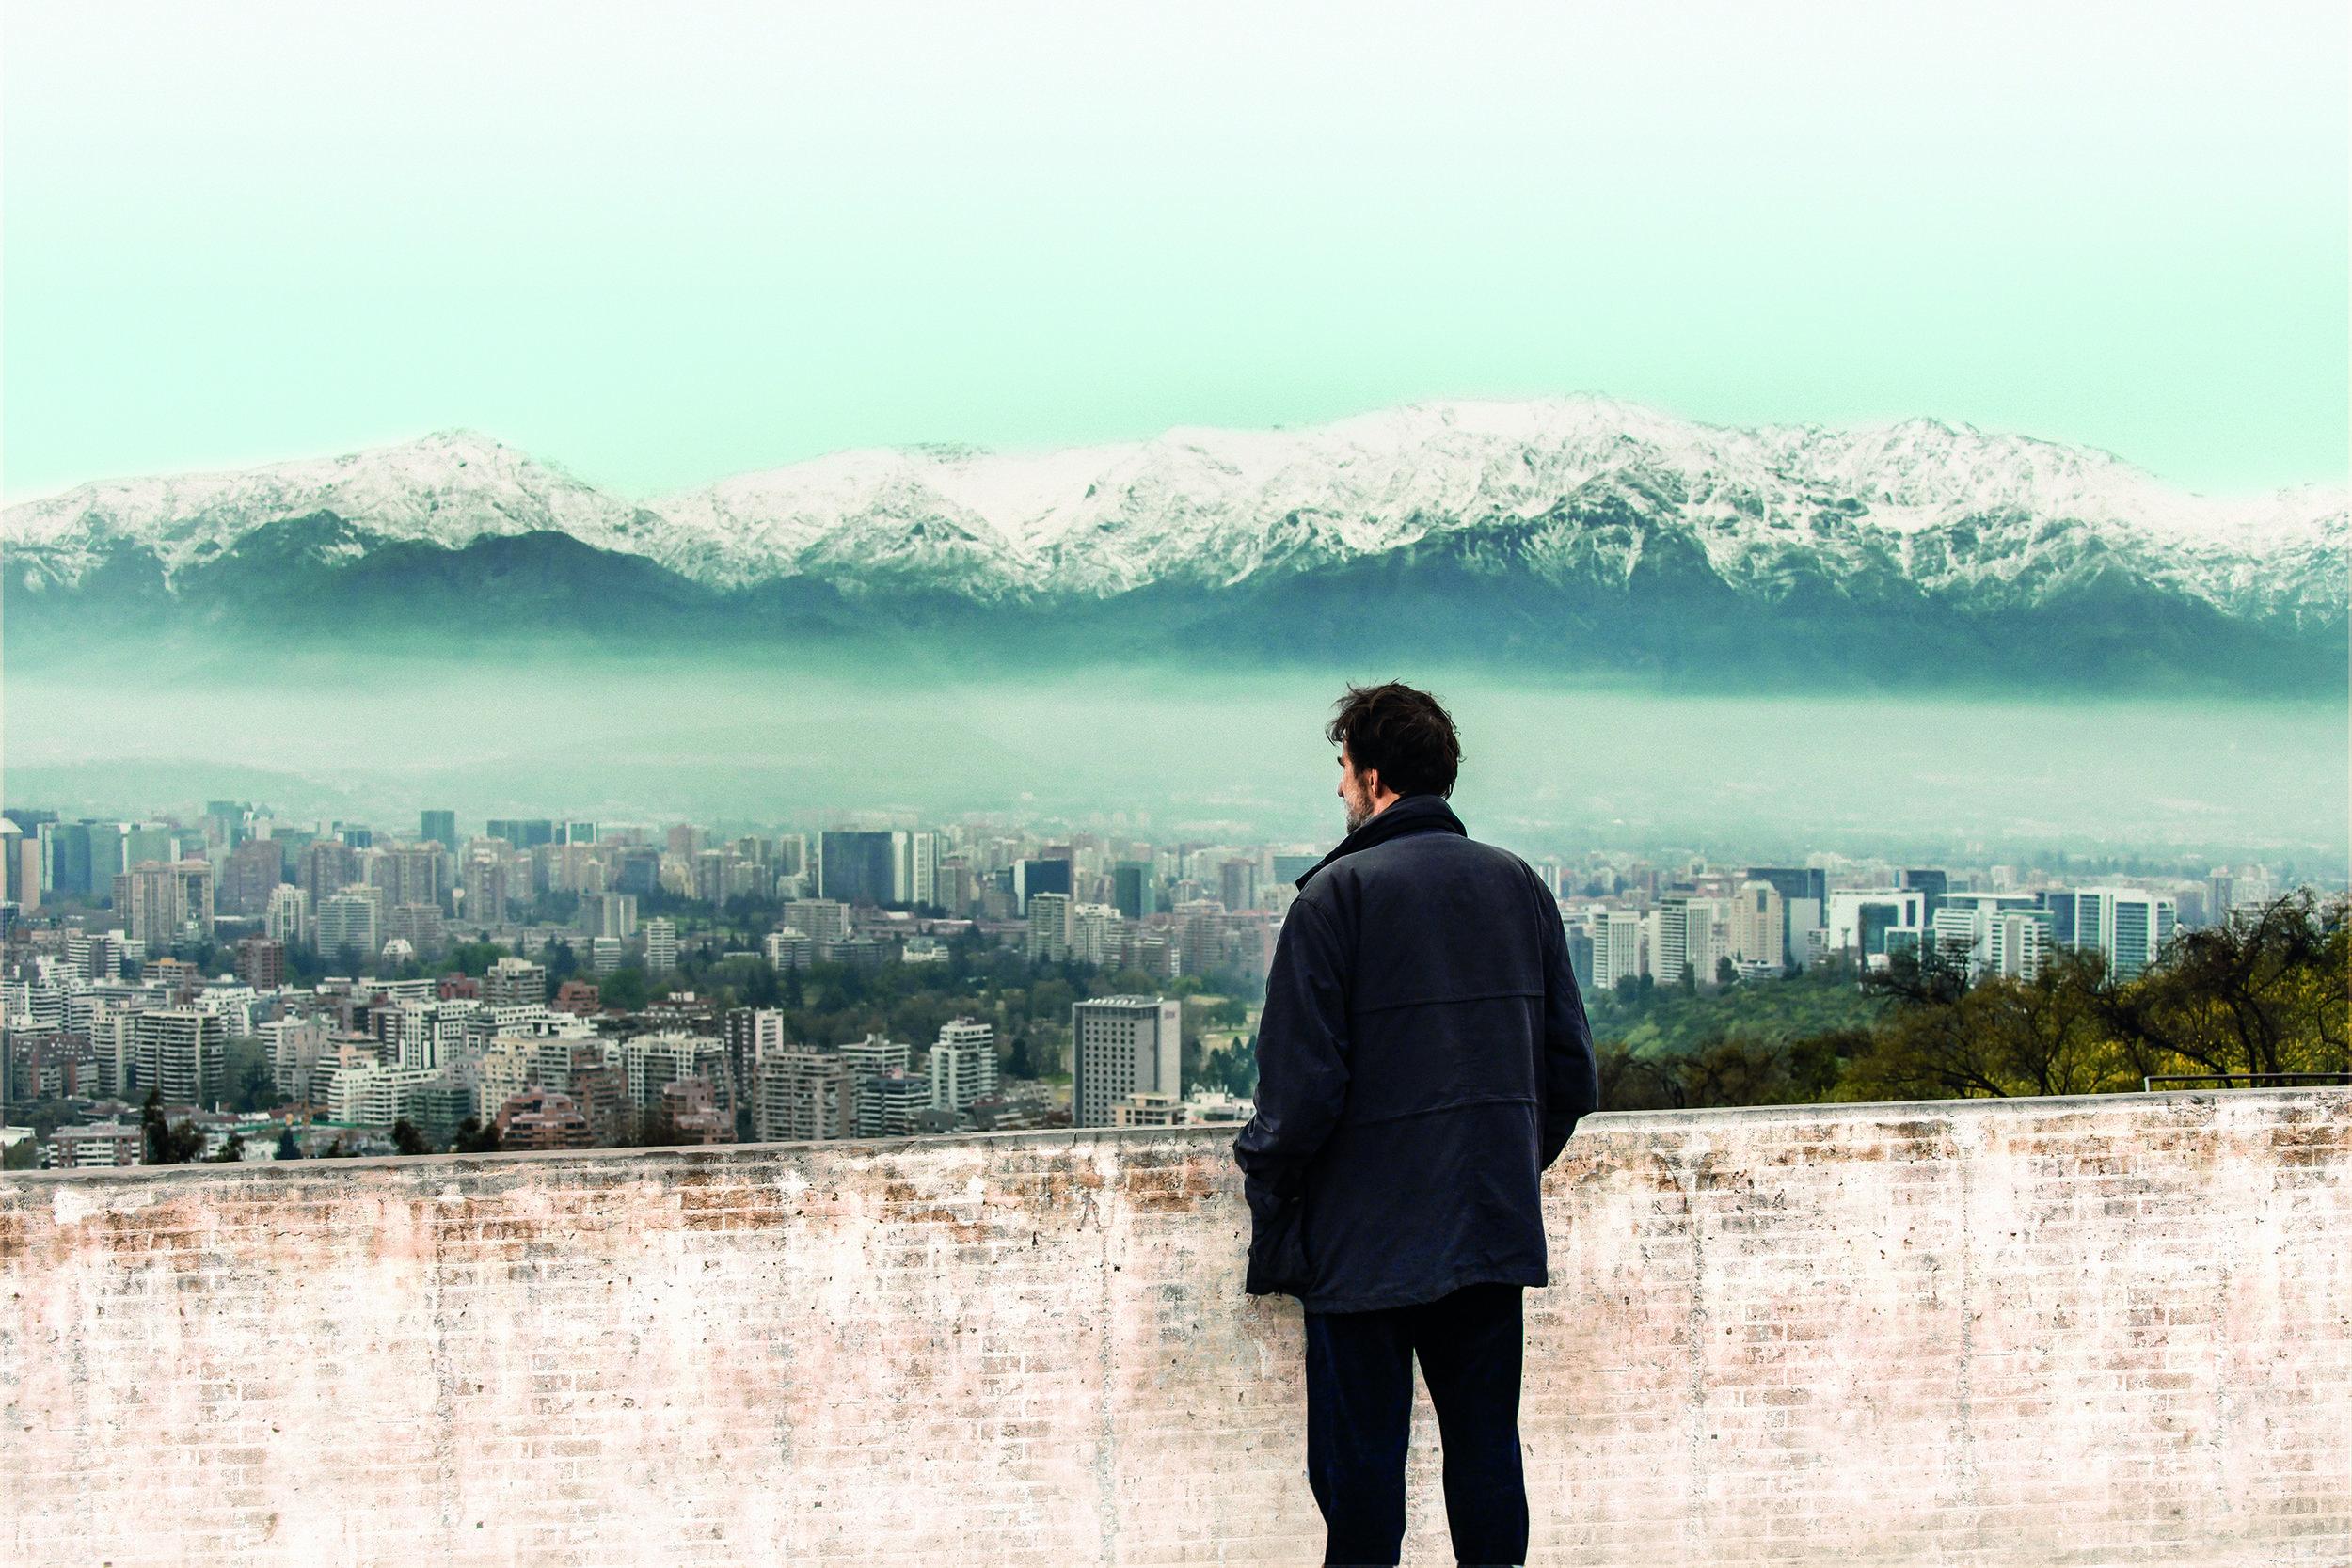 Santiago_Italia_Foto_ufficiale__c_Sacher_Film_02.jpg